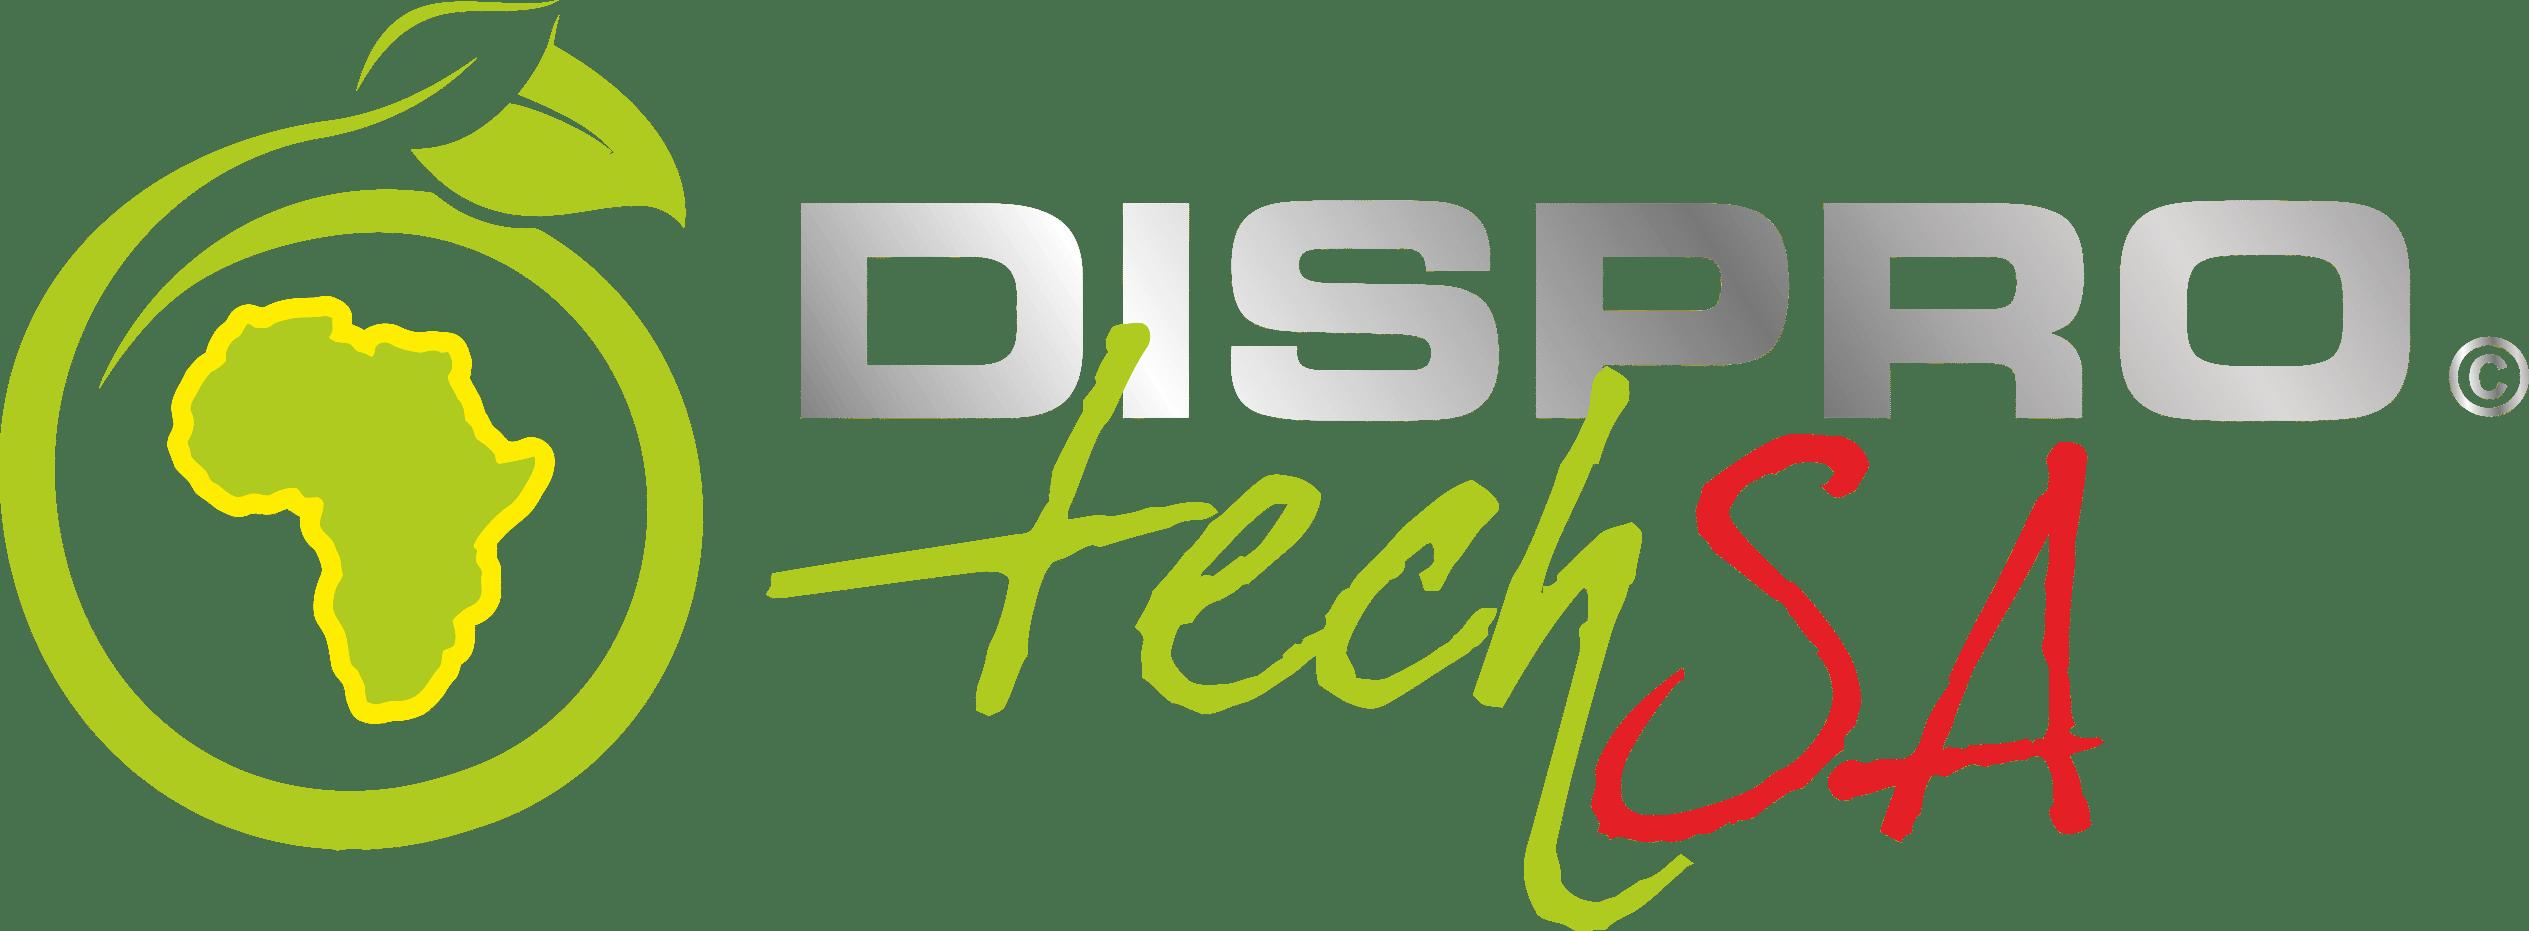 Disprotech SA